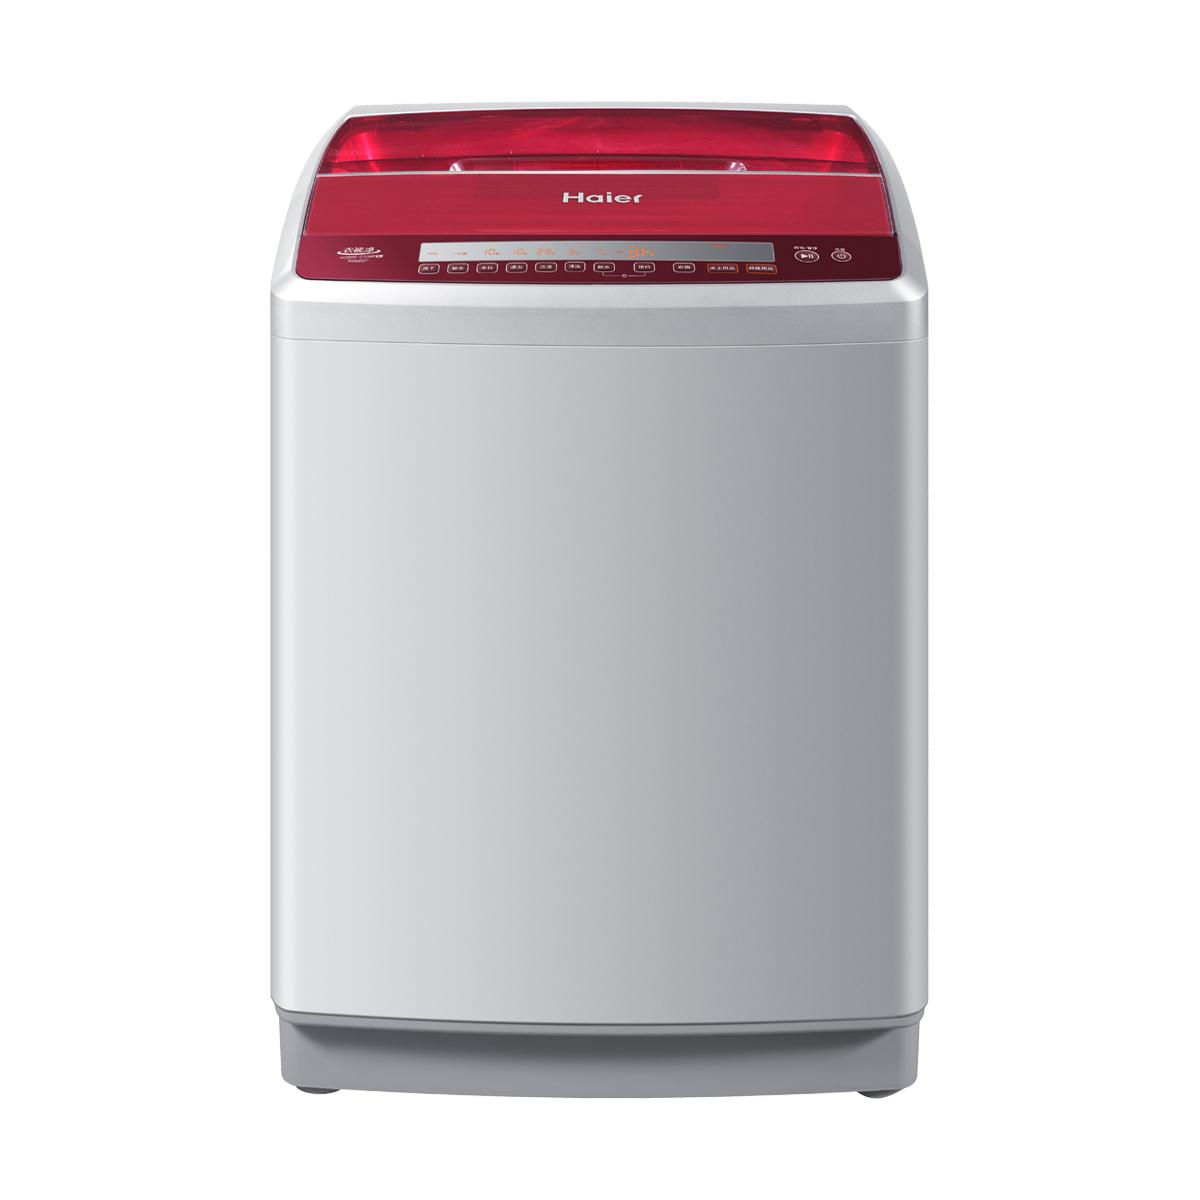 海尔Haier洗衣机 XQB85-C1288 说明书